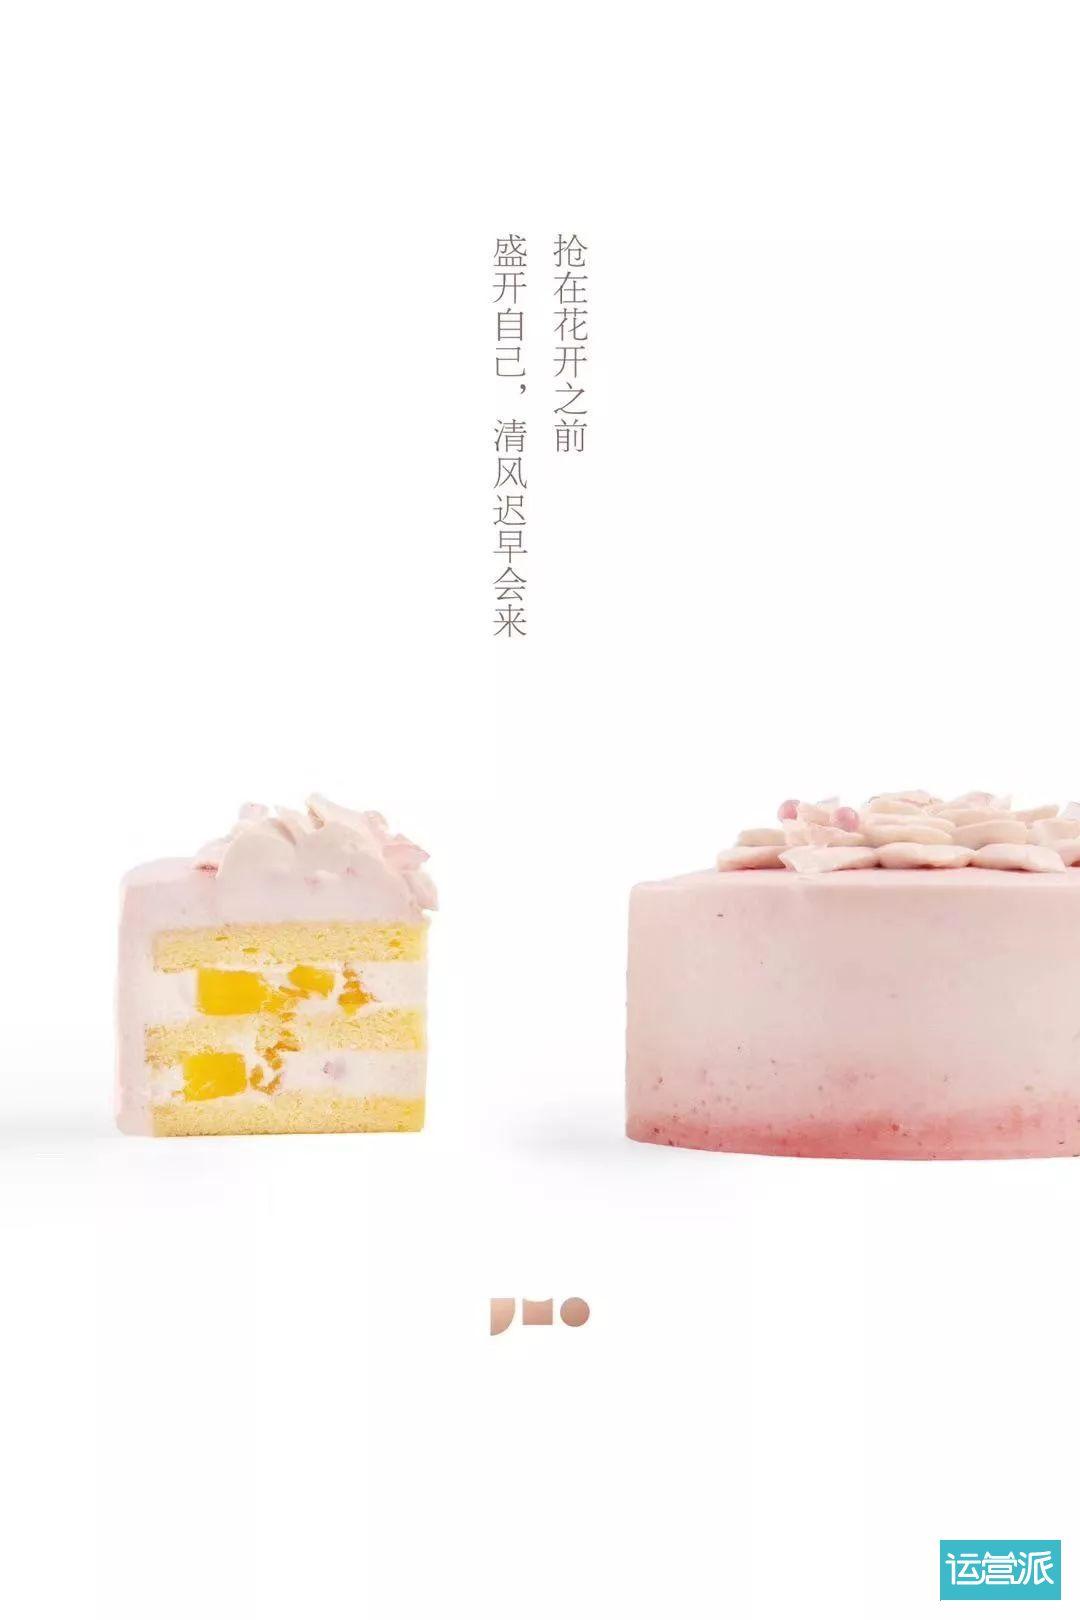 这款蛋糕的文案,比情诗更多一点食欲和治愈